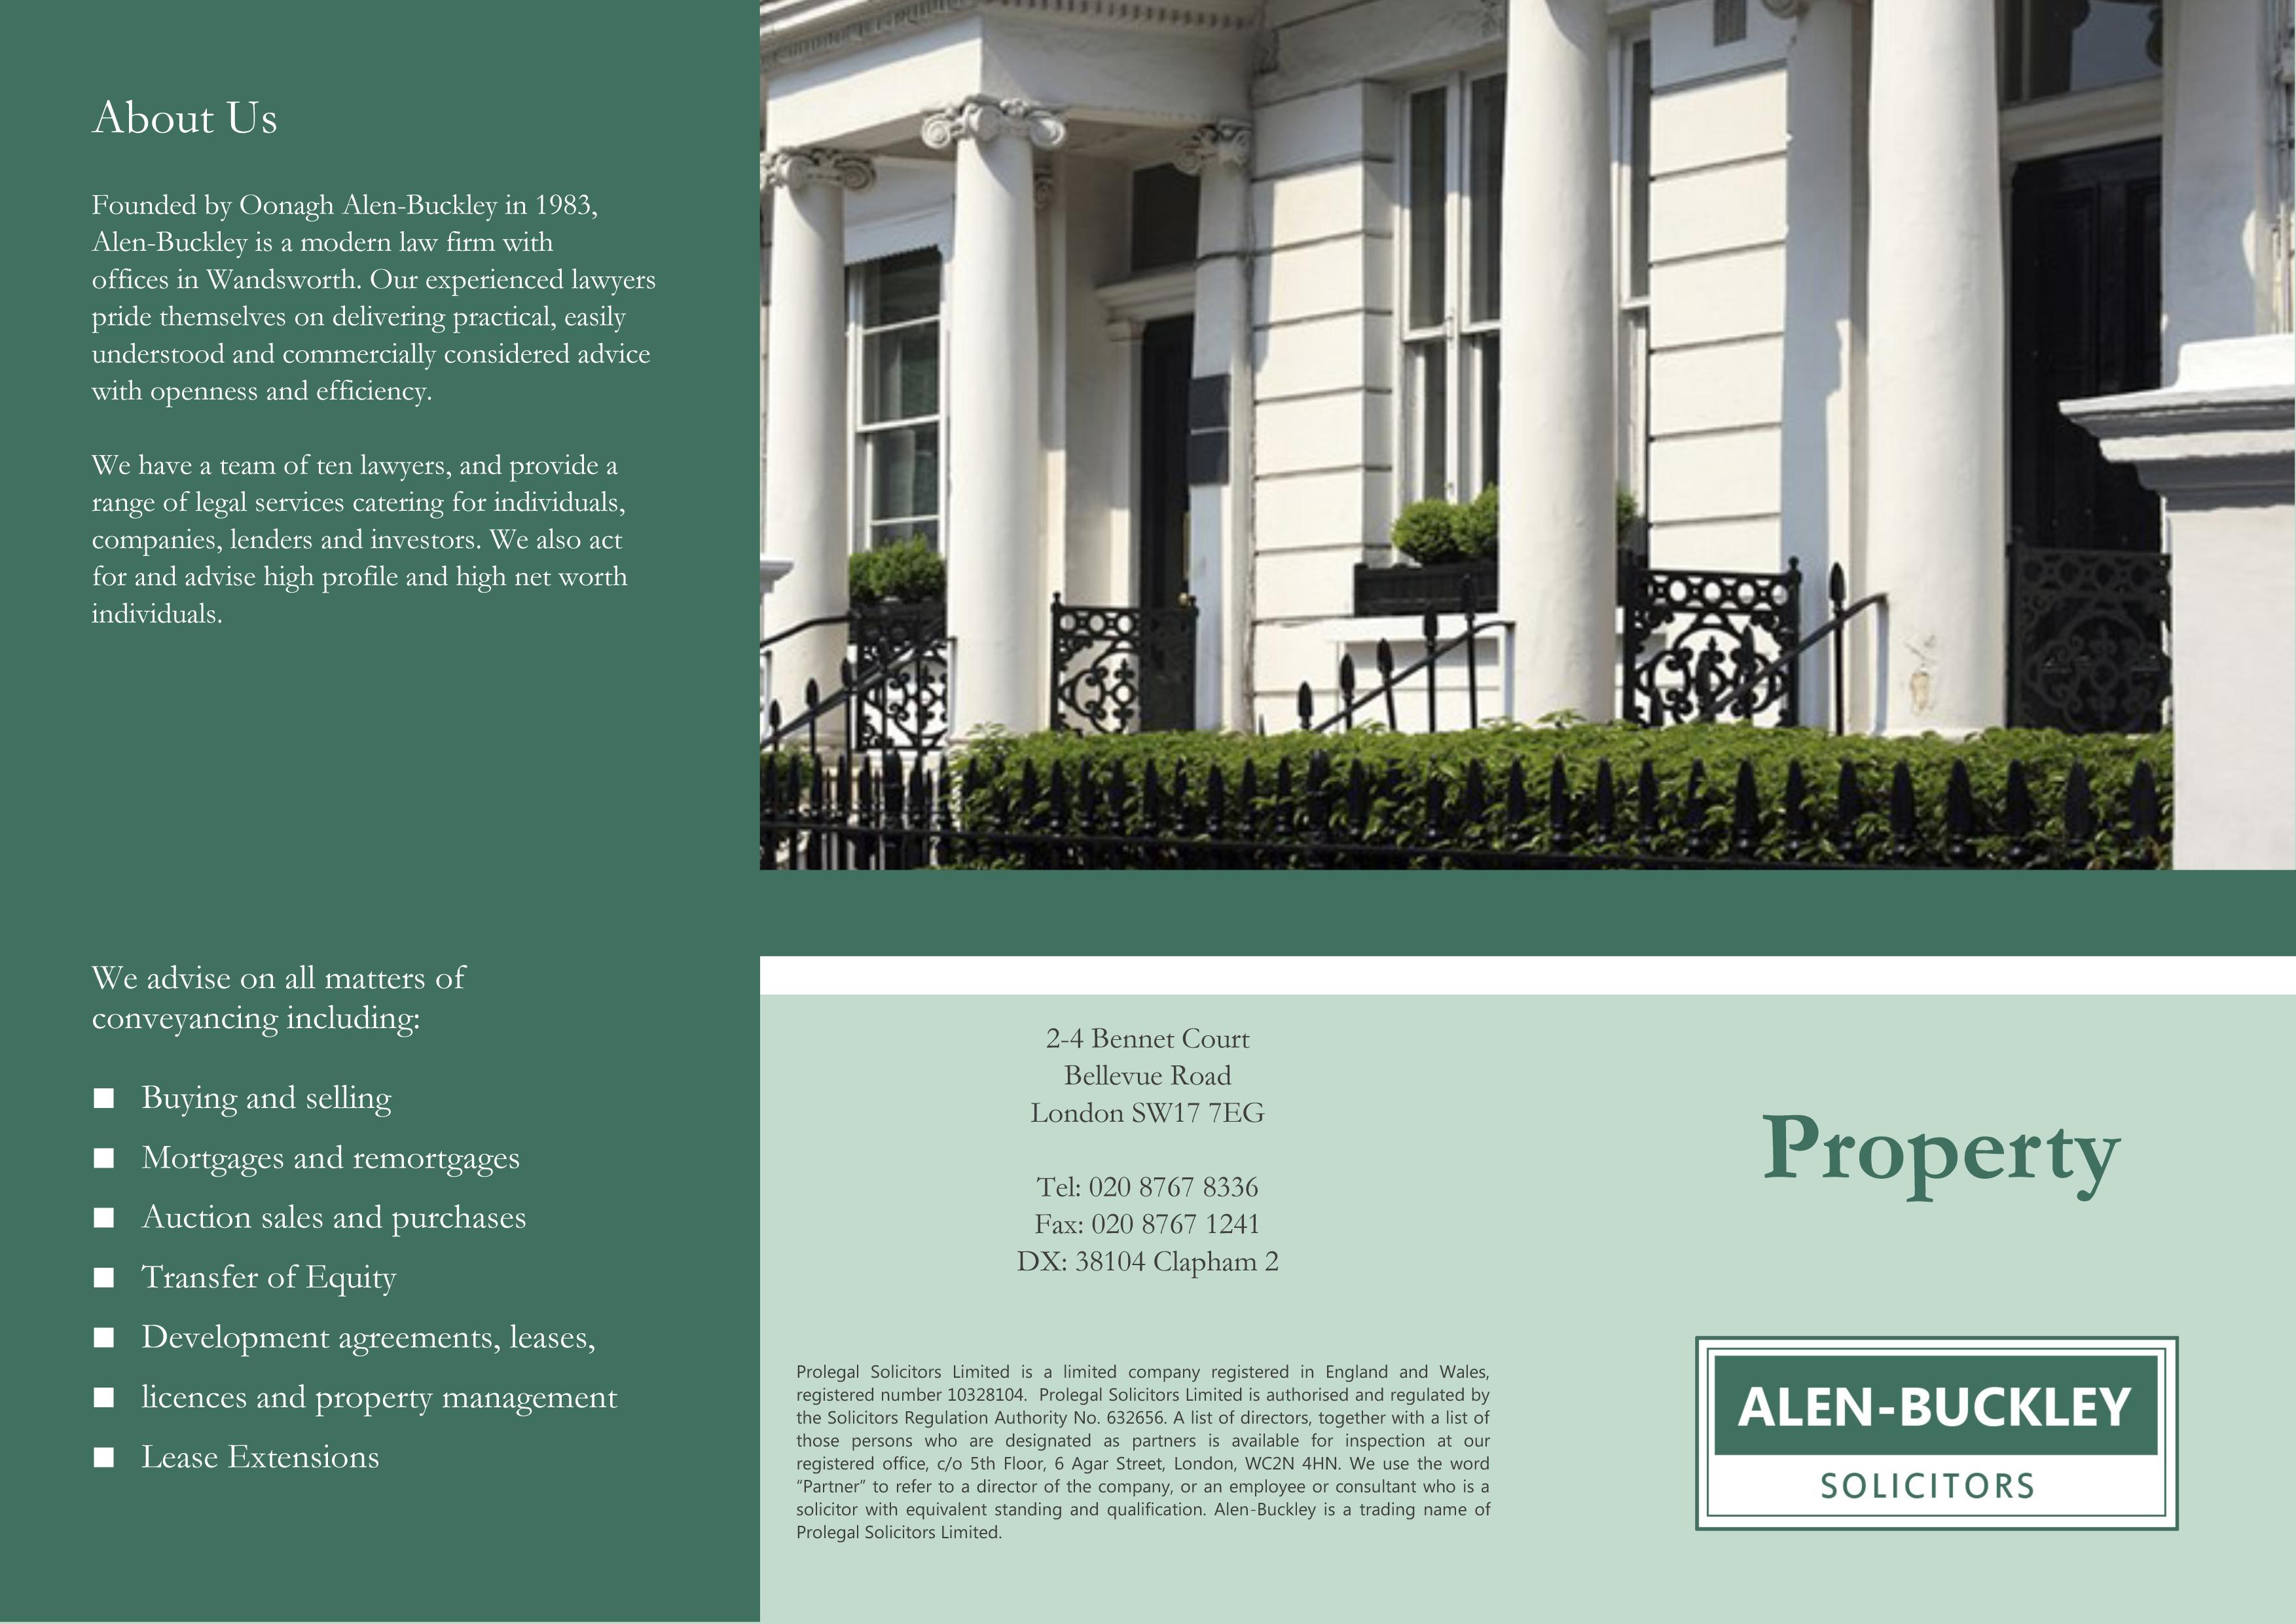 Alen-Buckley---PROPERTY-1